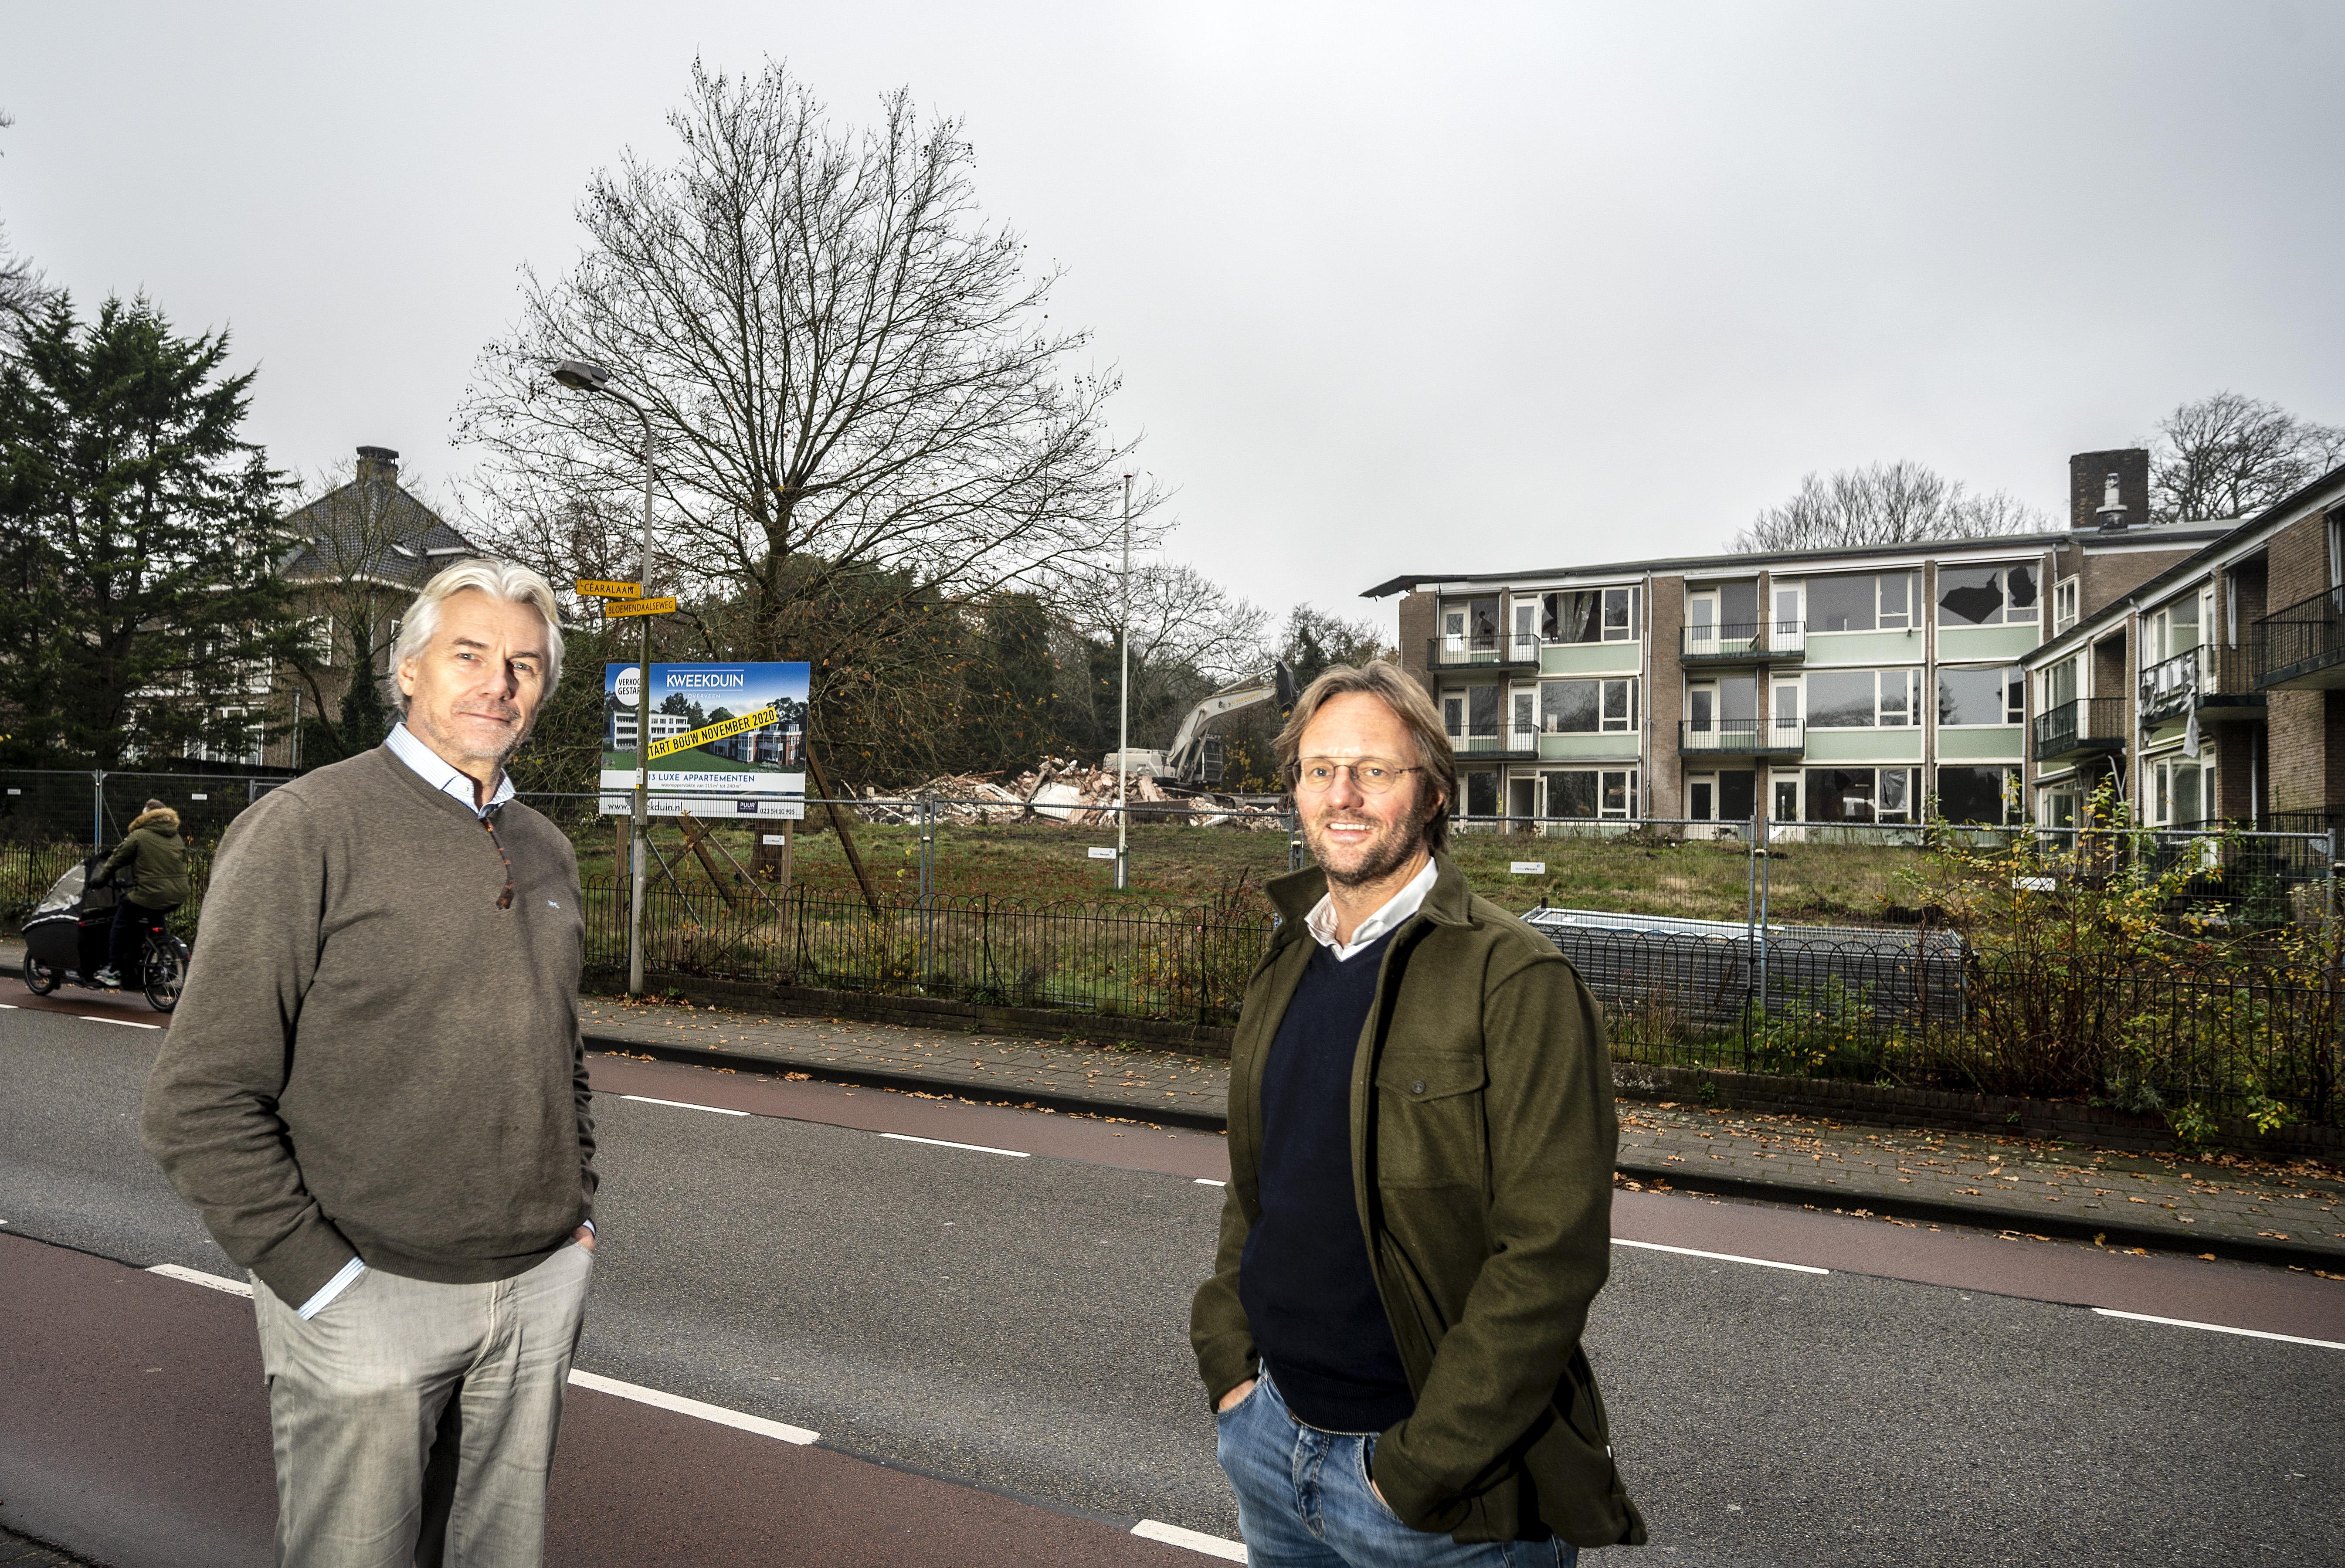 Nieuw luxueus appartementencomplex aan Bloemendaalseweg. 'Plan is ontstaan bij een biertje in café Sligting'